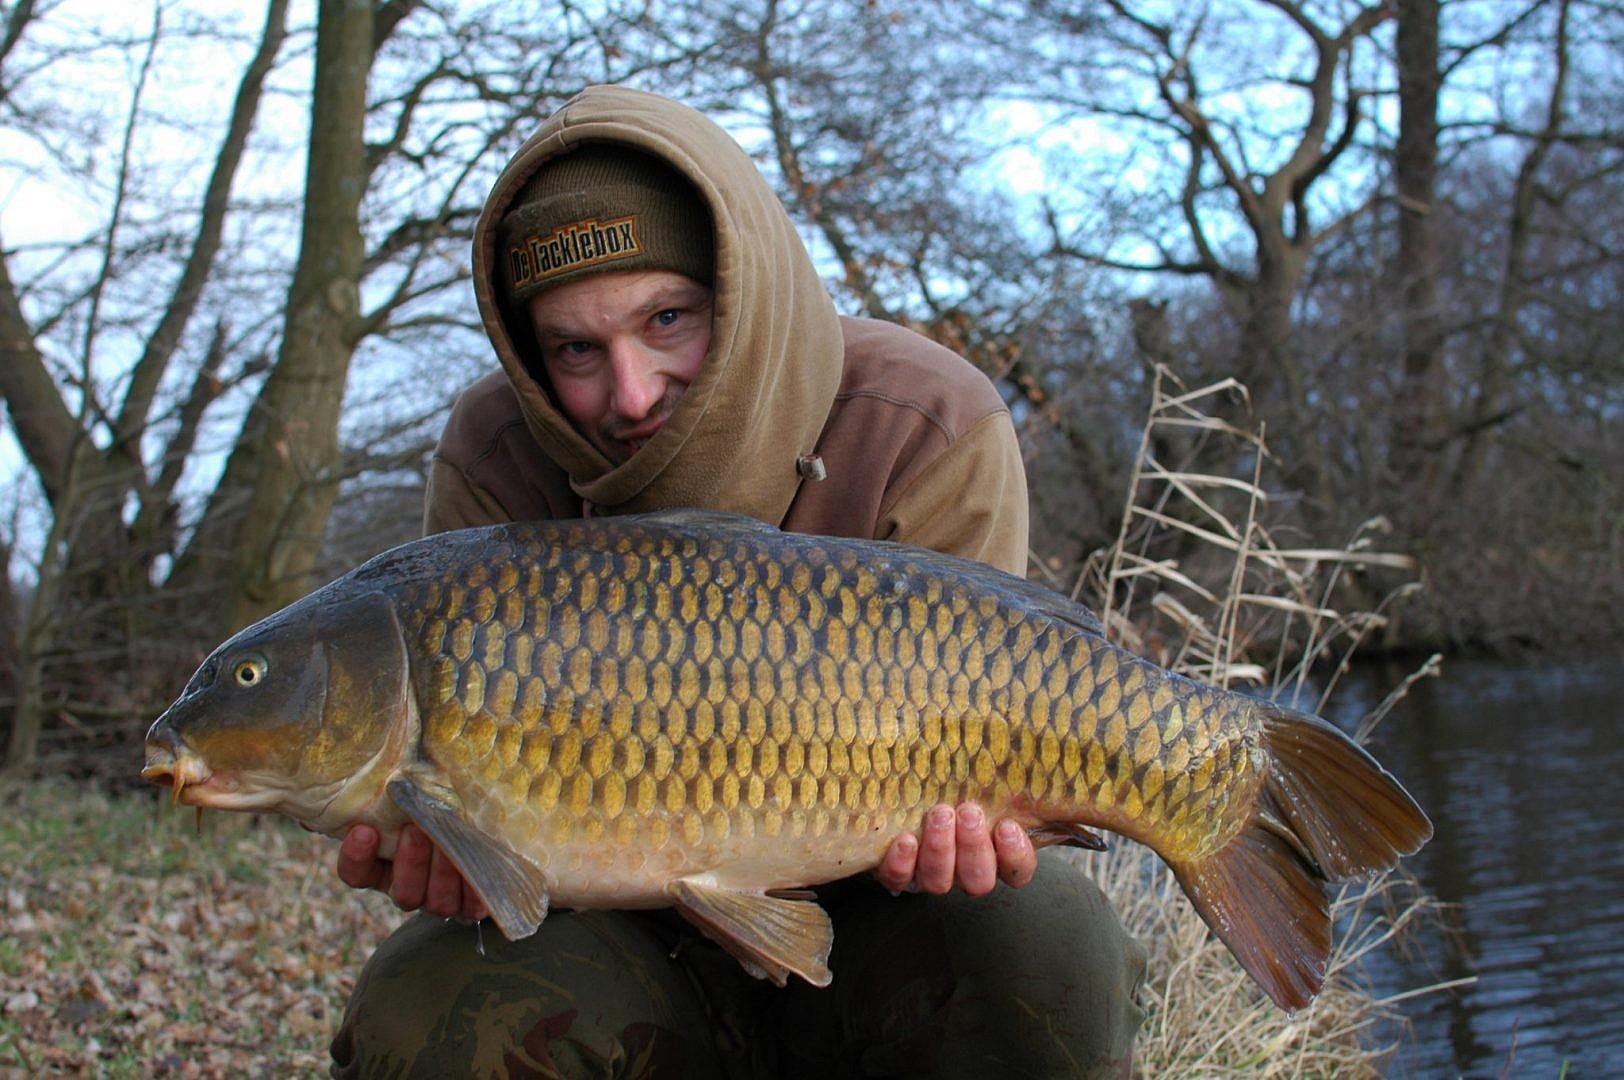 Op wateren met veel vis is de kans op een aanbeet aanzienlijk hoger